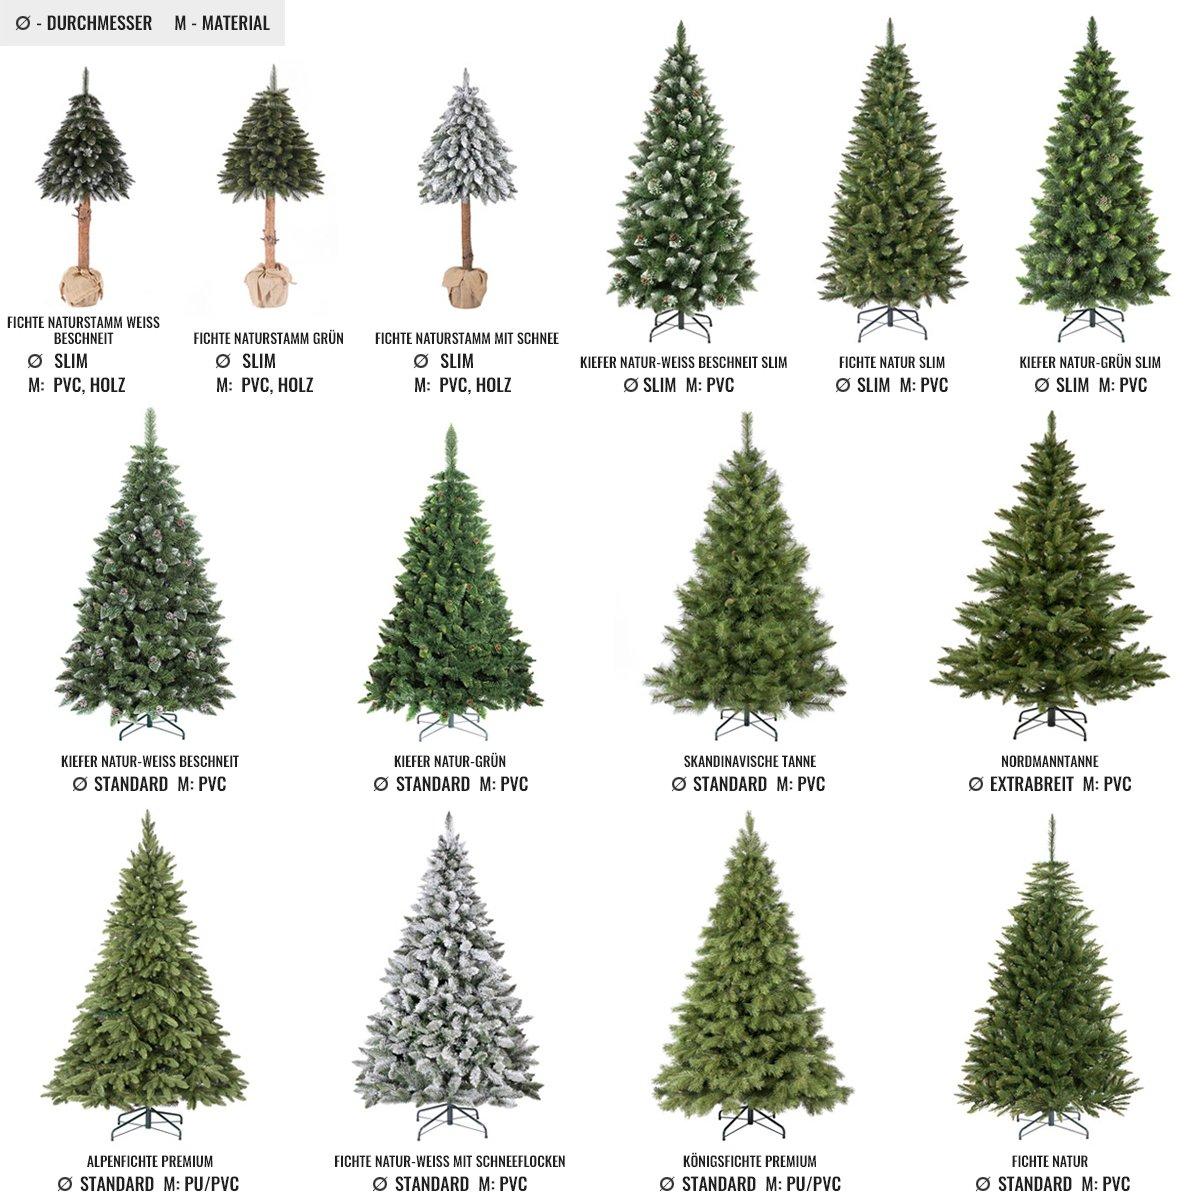 Künstlicher Tannenbaum Nordmanntanne.Fairytrees Künstlicher Weihnachtsbaum Nordmanntanne Grüner Stamm